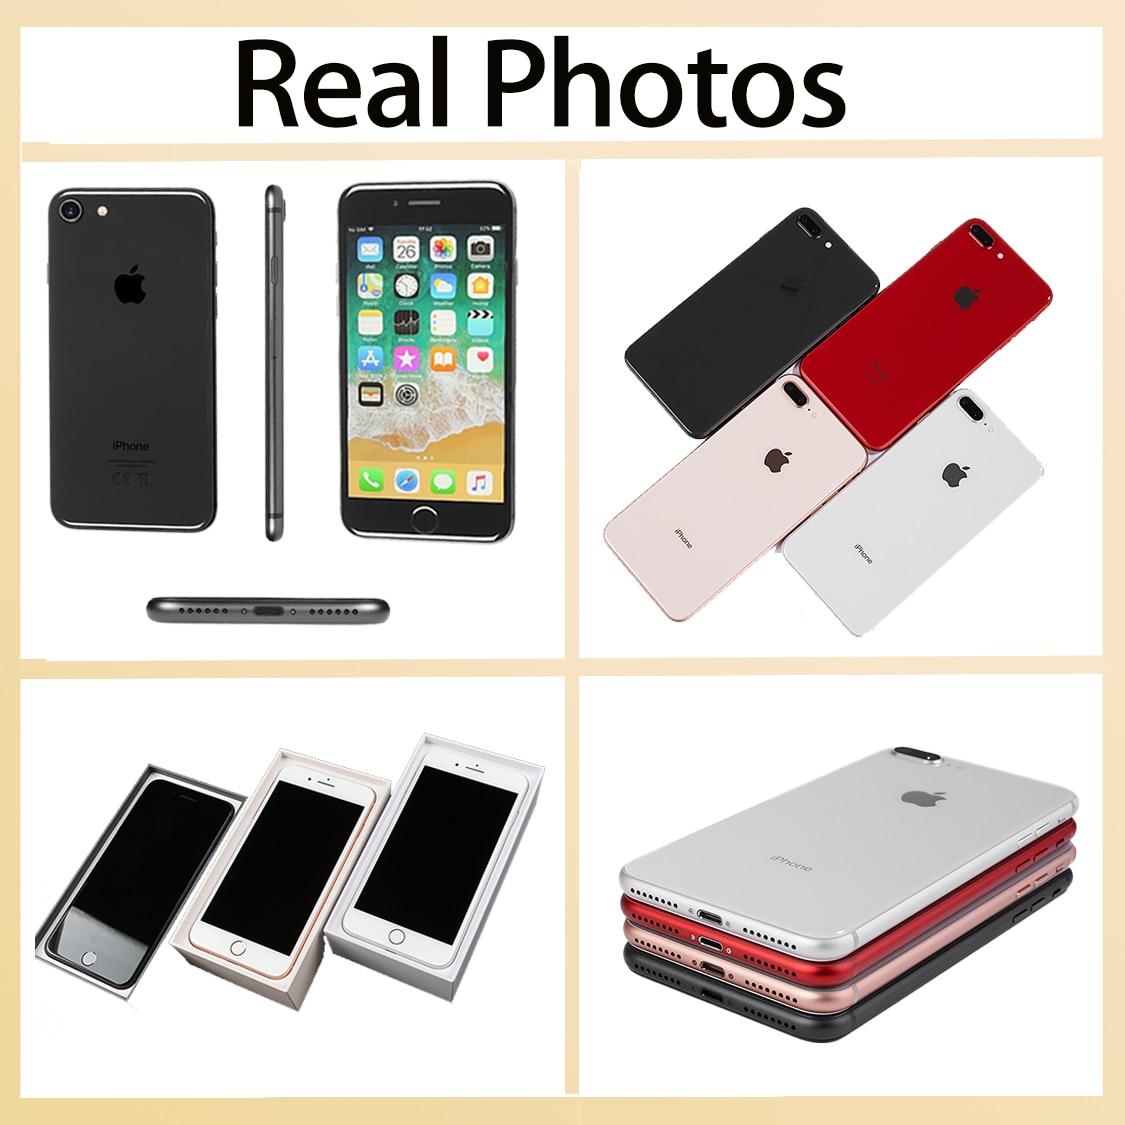 Original Apple iPhone 8 iphone8 3D Touch ID 2GB RAM 64/256GB ROM Hexa-core IOS 12.0MP Camera 4.7 inch Apple Fingerprint 1821mAh enlarge